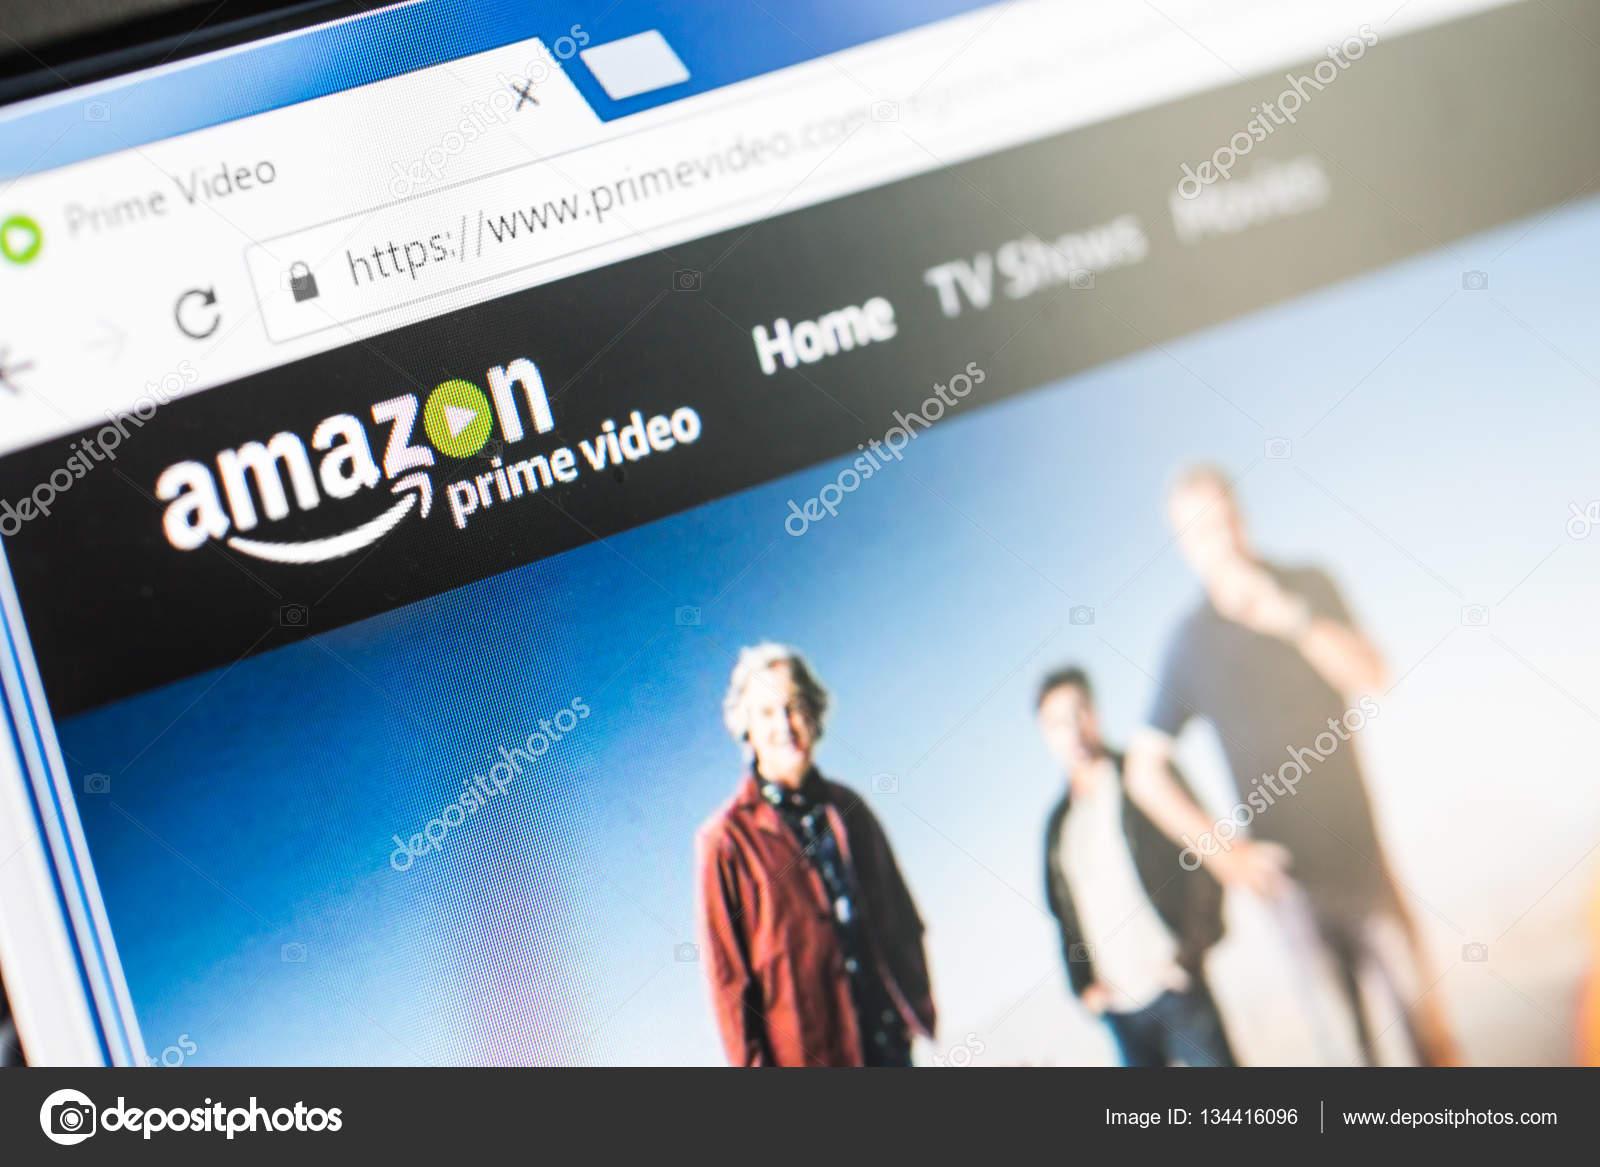 ce32d2958 Paris, França - 15 de dezembro de 2016: Amazon Prime a página inicial do  site. Amazônia, é uma americana de comércio eletrônica e a empresa de  computação de ...